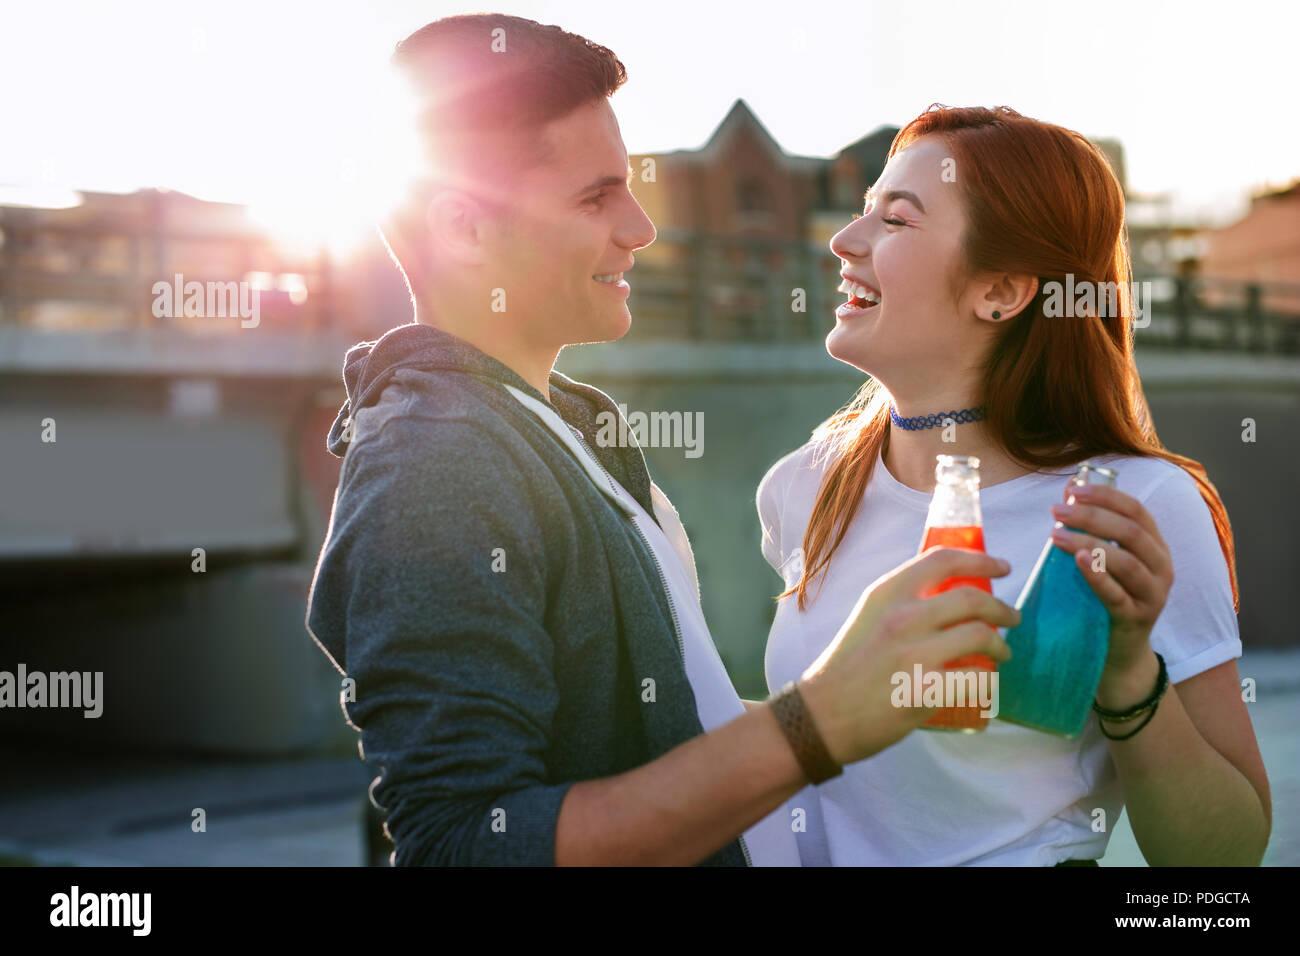 Beau couple heureux jouissant de sa date si délicieux. Banque D'Images